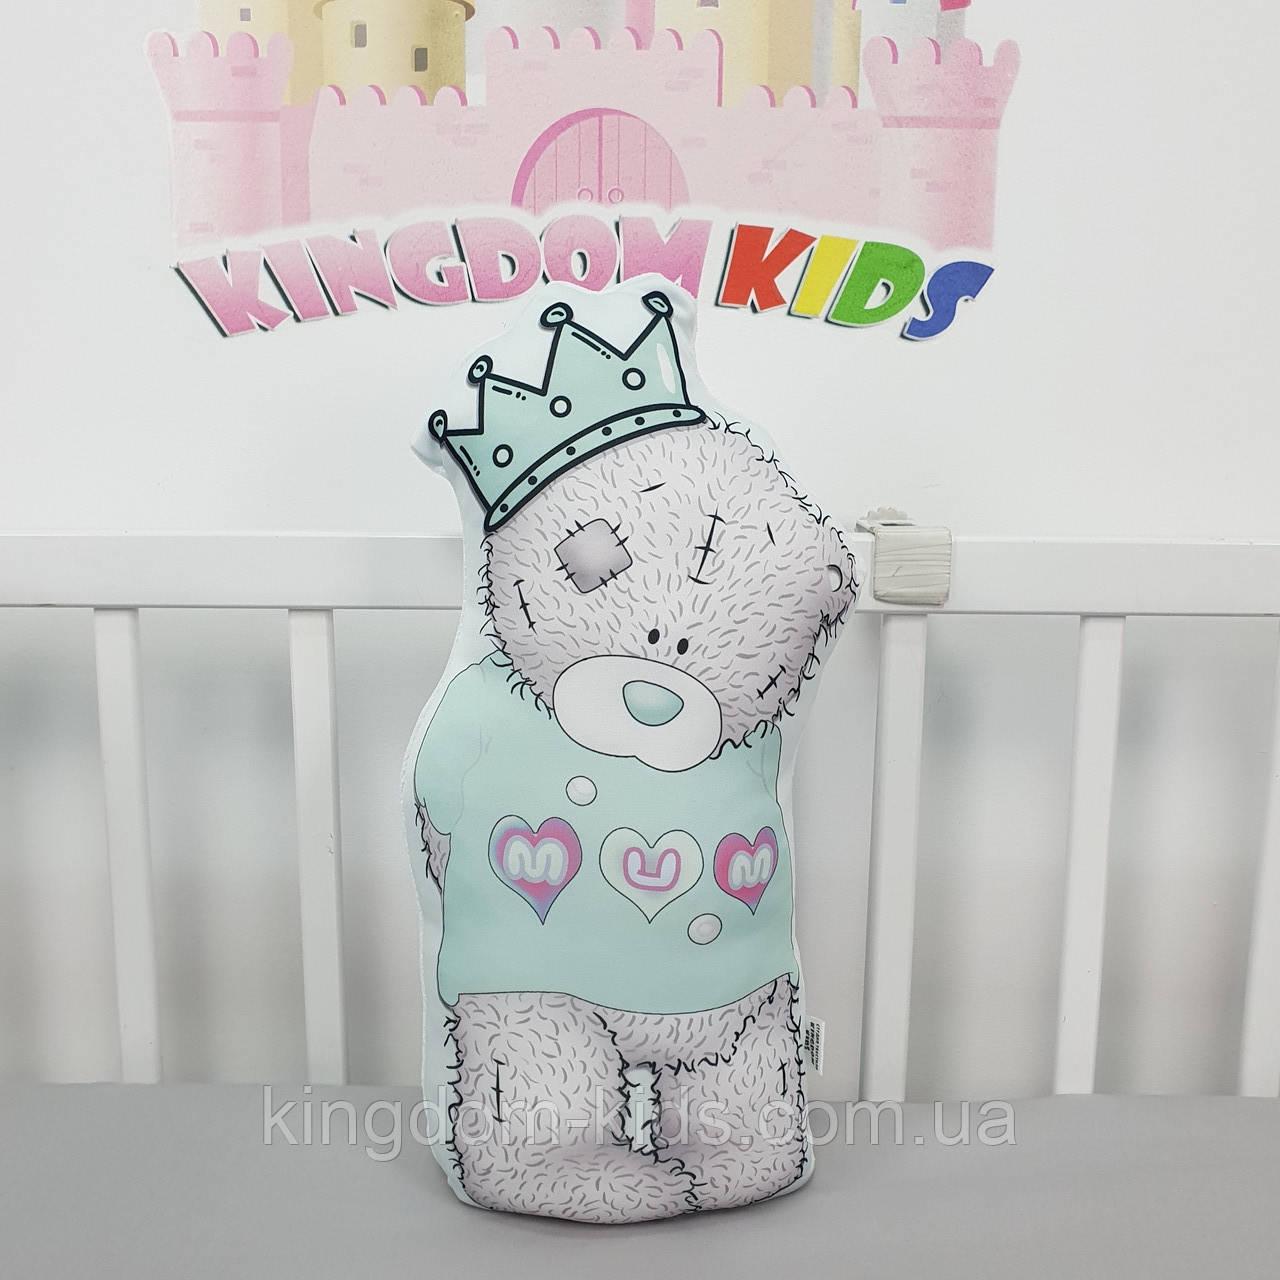 """Игрушка-подушка """"мишка Тедди"""" в мятном цвете с хлопковым велюром на задней стенке"""